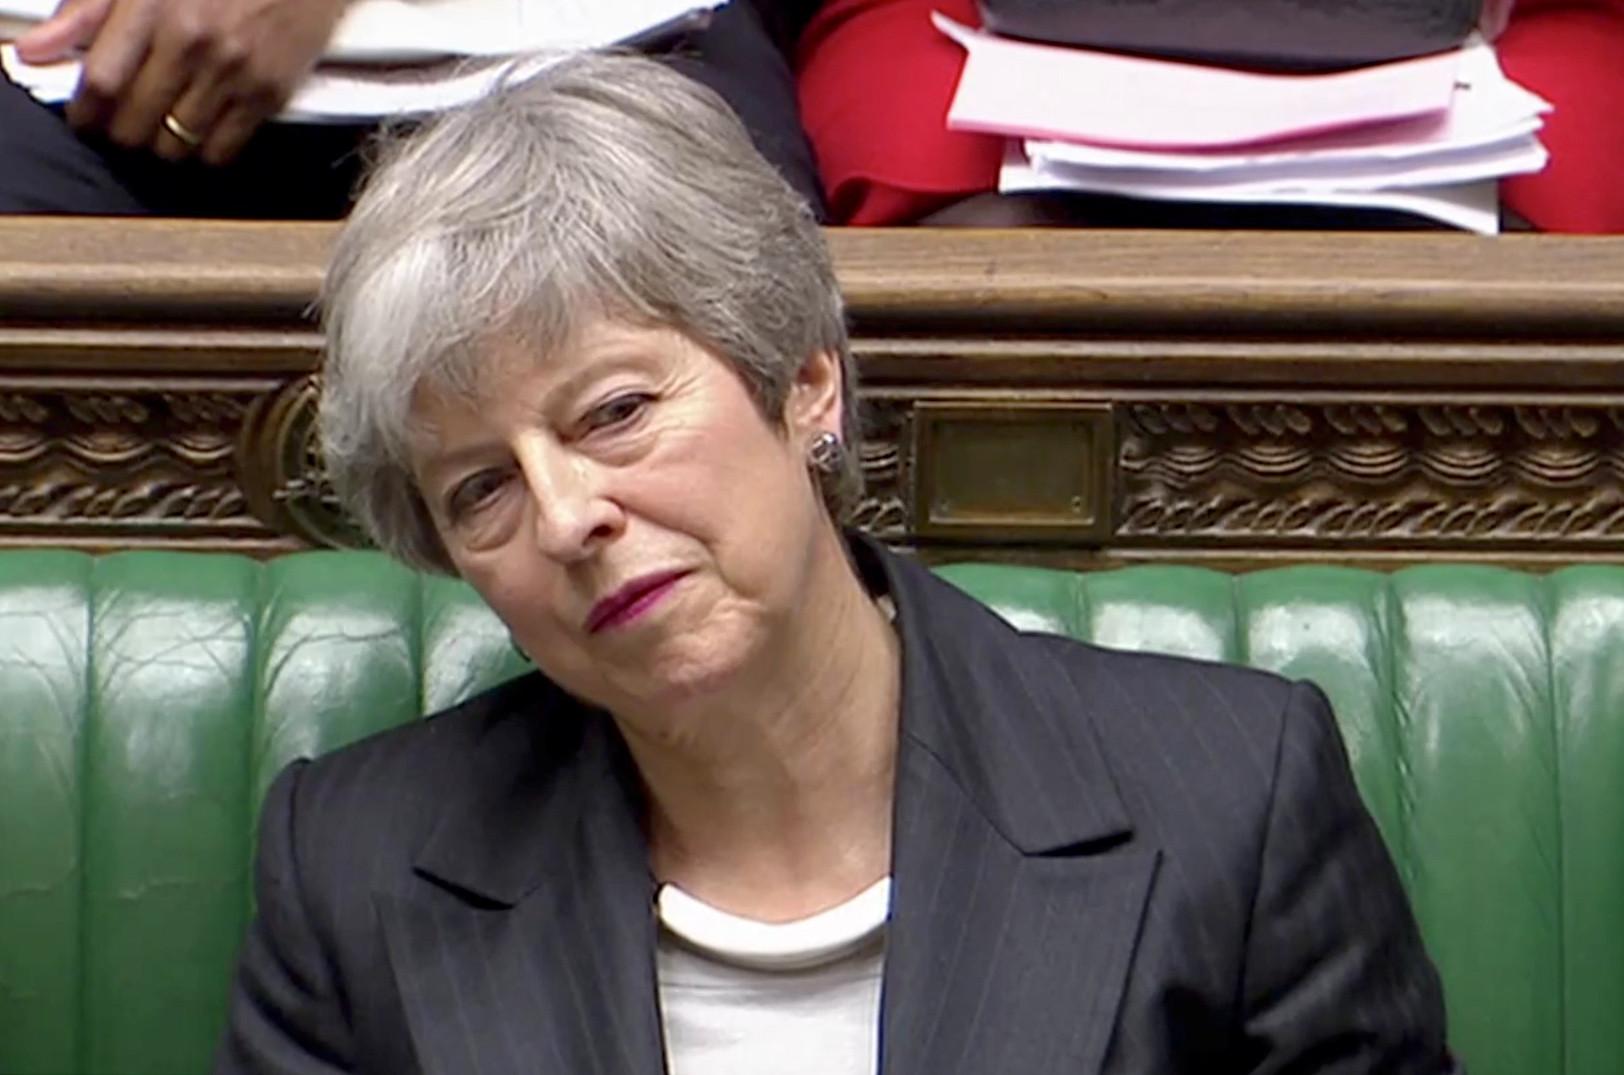 Críticas de May ao parlamento poderão ter custado apoio de deputados